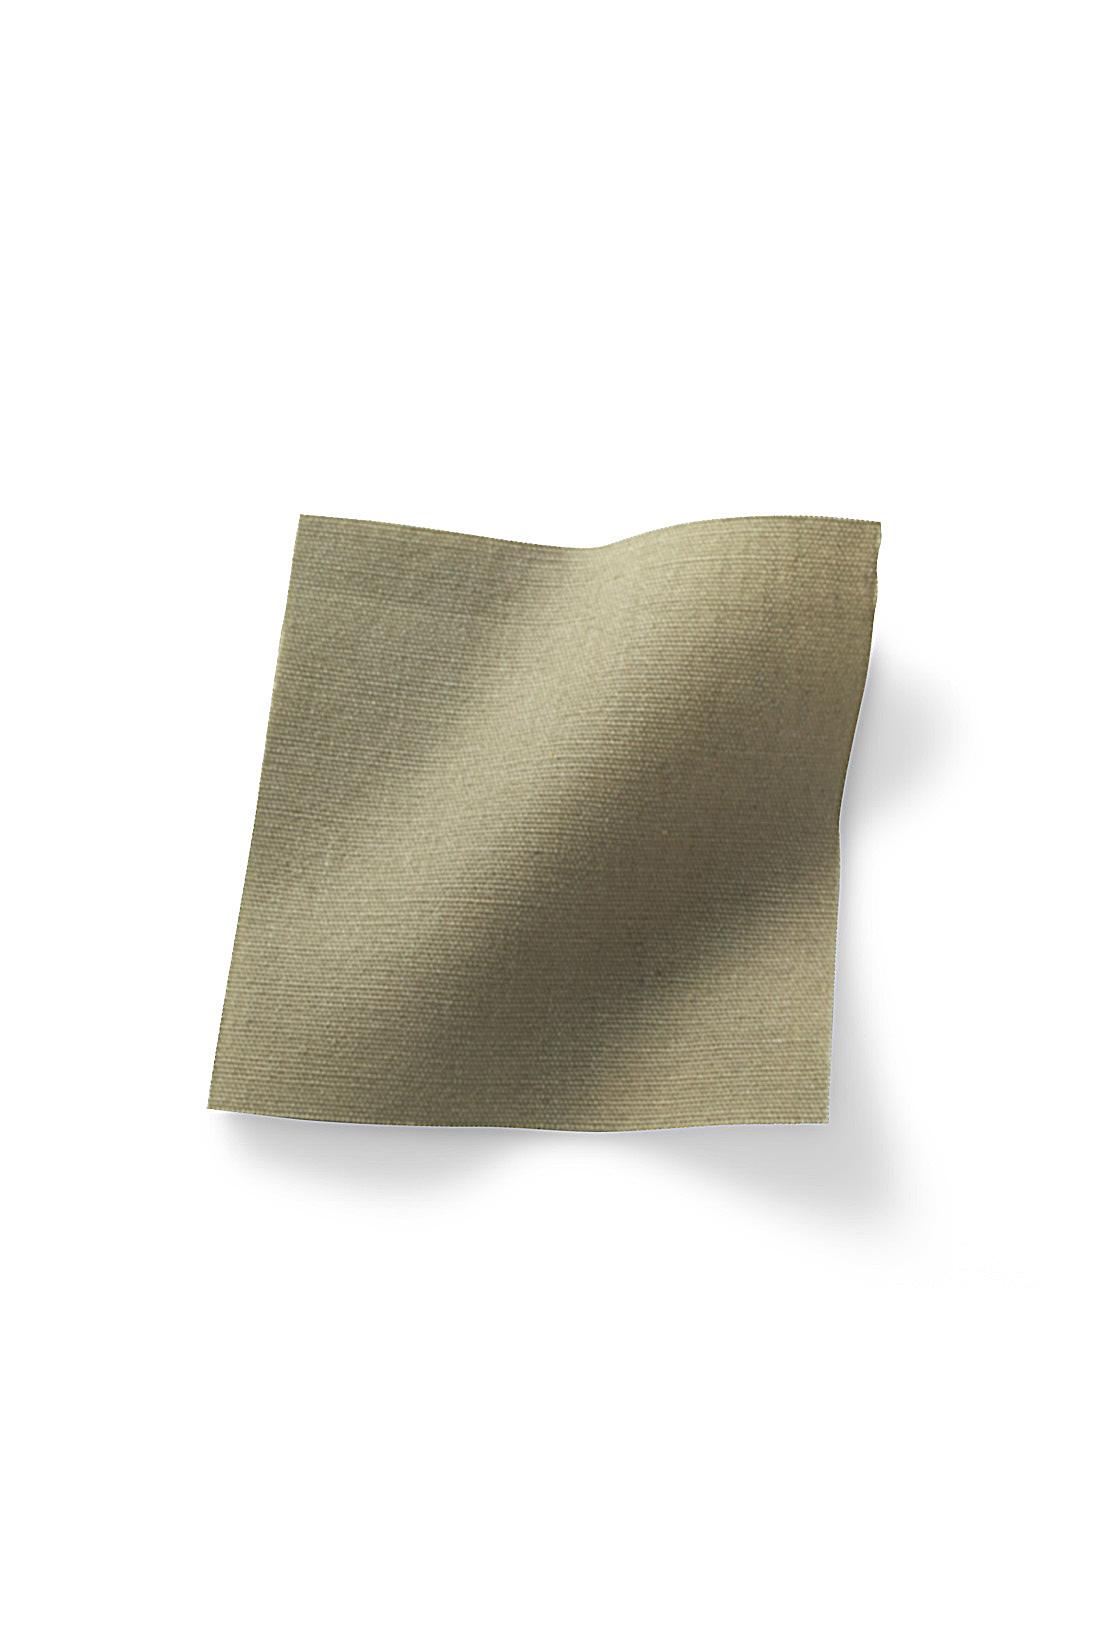 張りと艶感が新鮮なペーパー風コットン。※お届けするカラーとは異なります。